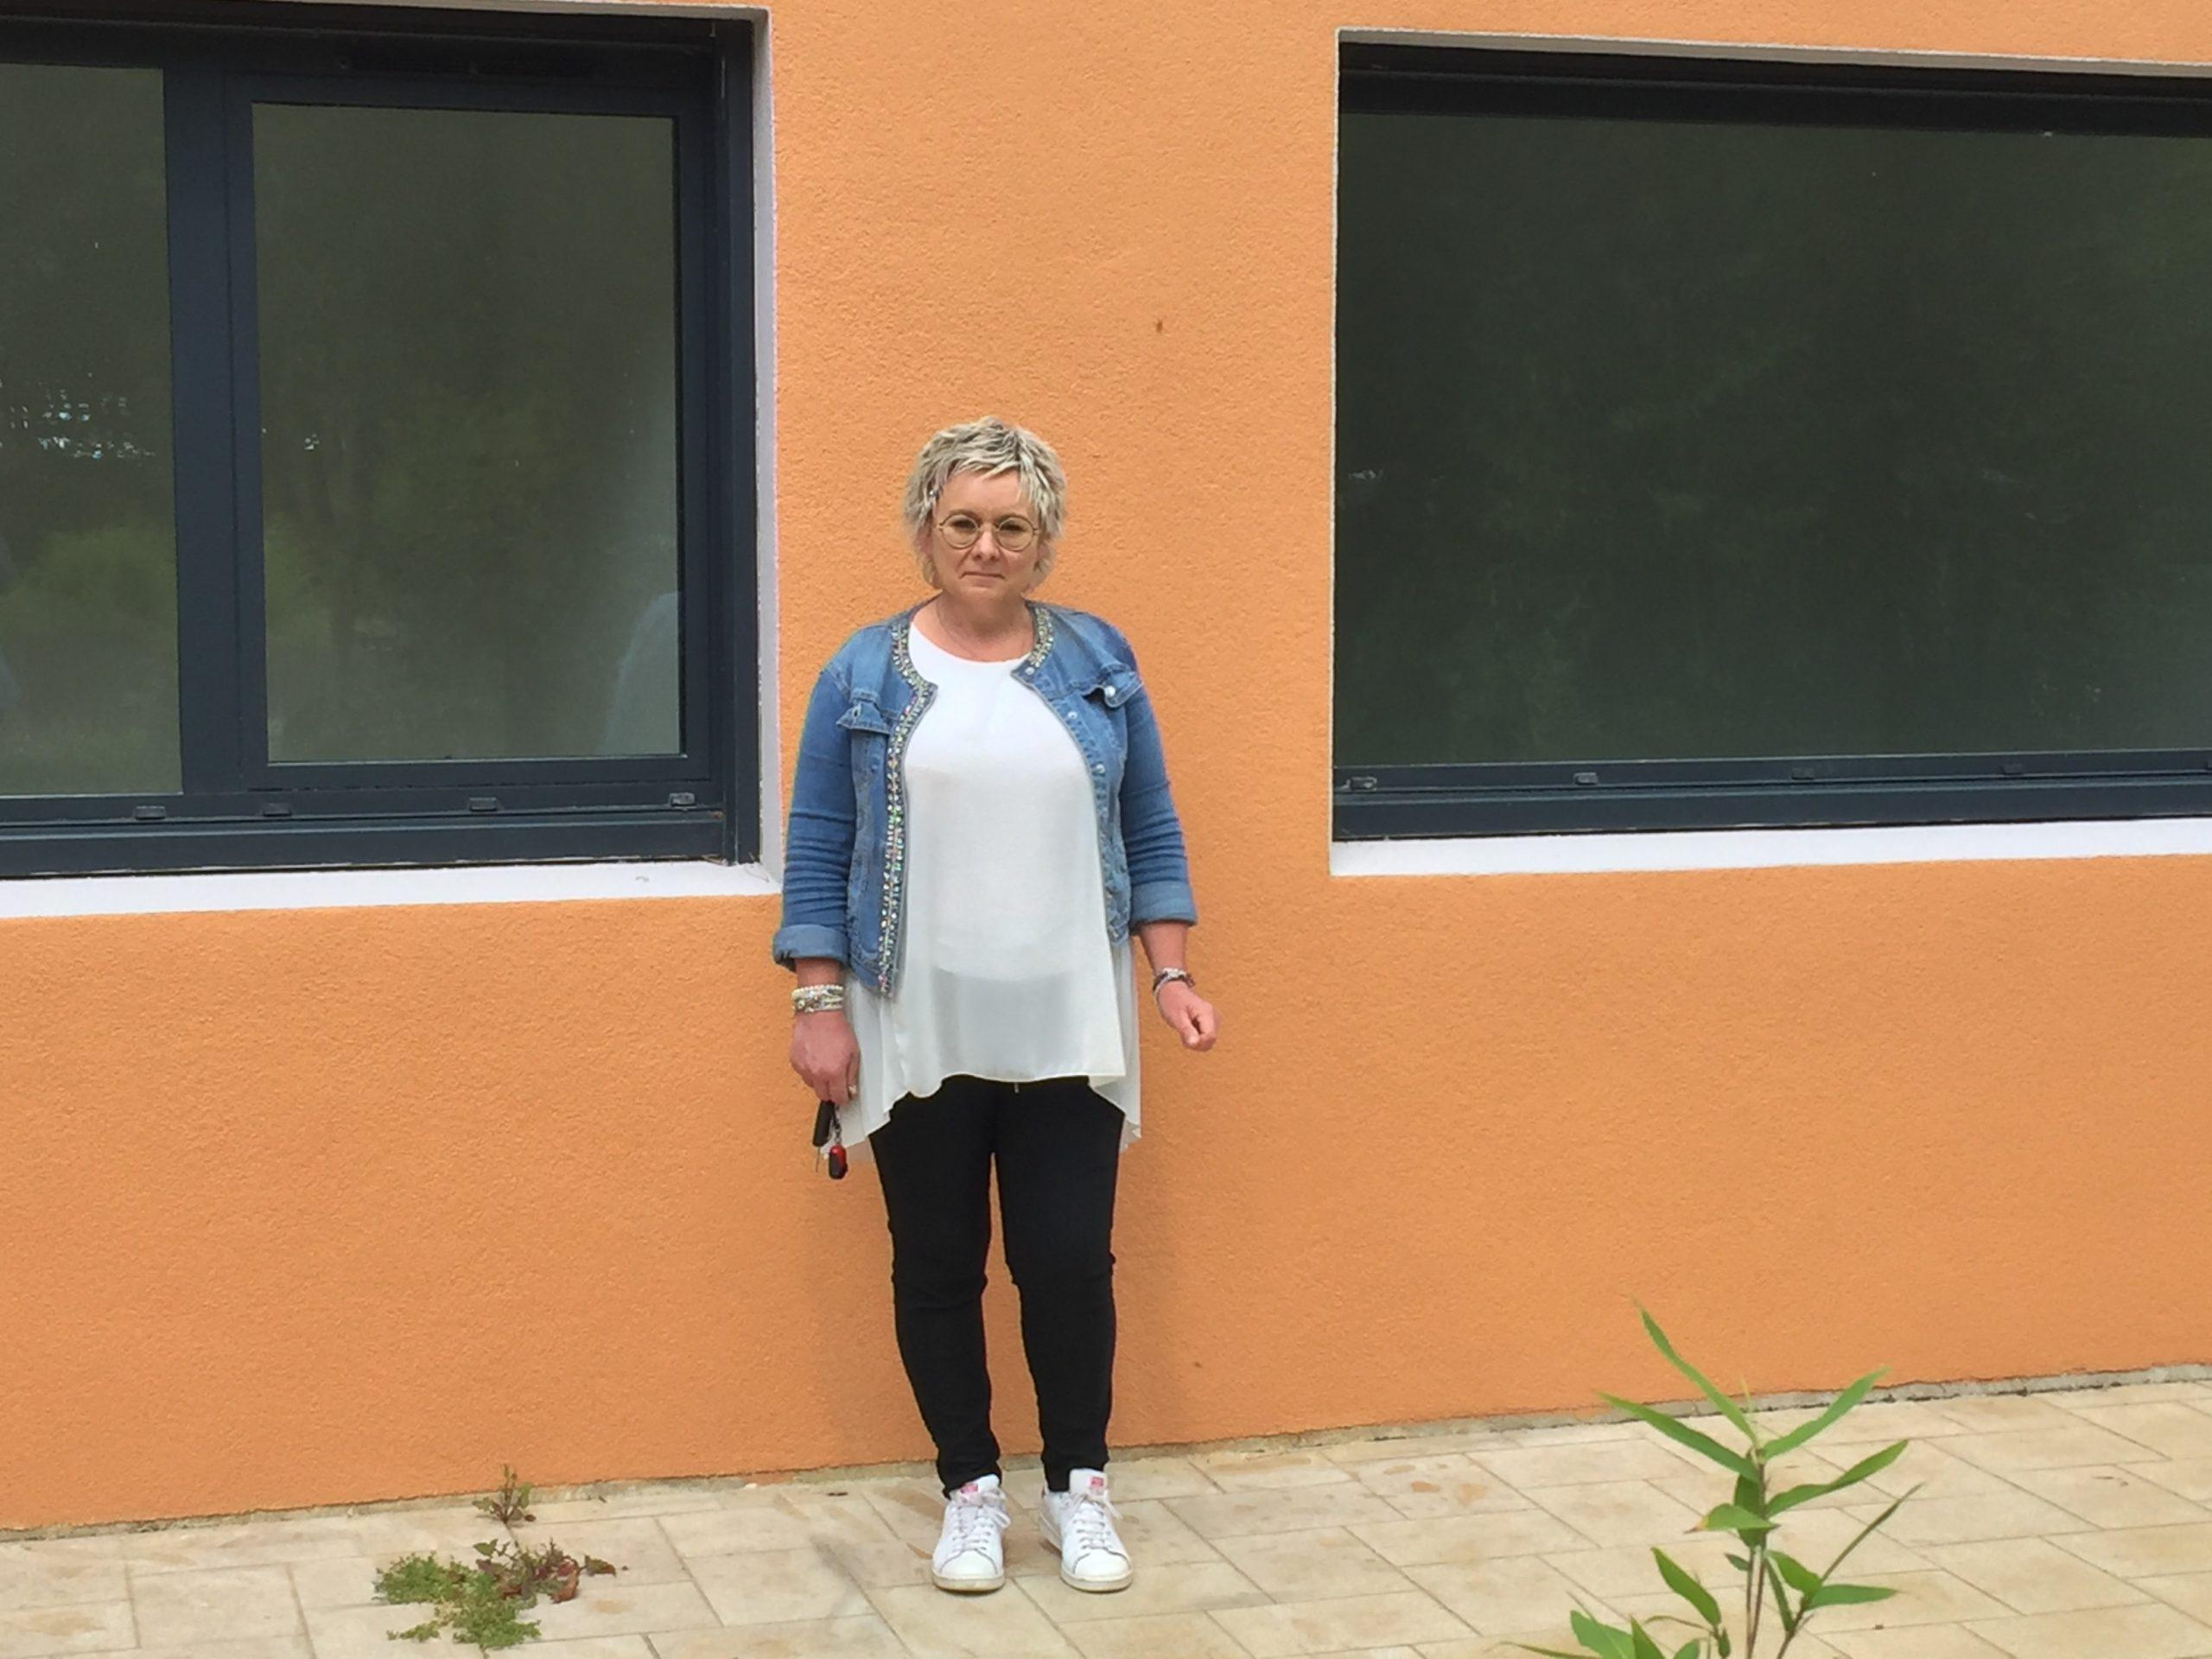 Quartier Simone Veil : bienvenue à notre 1ère habitante